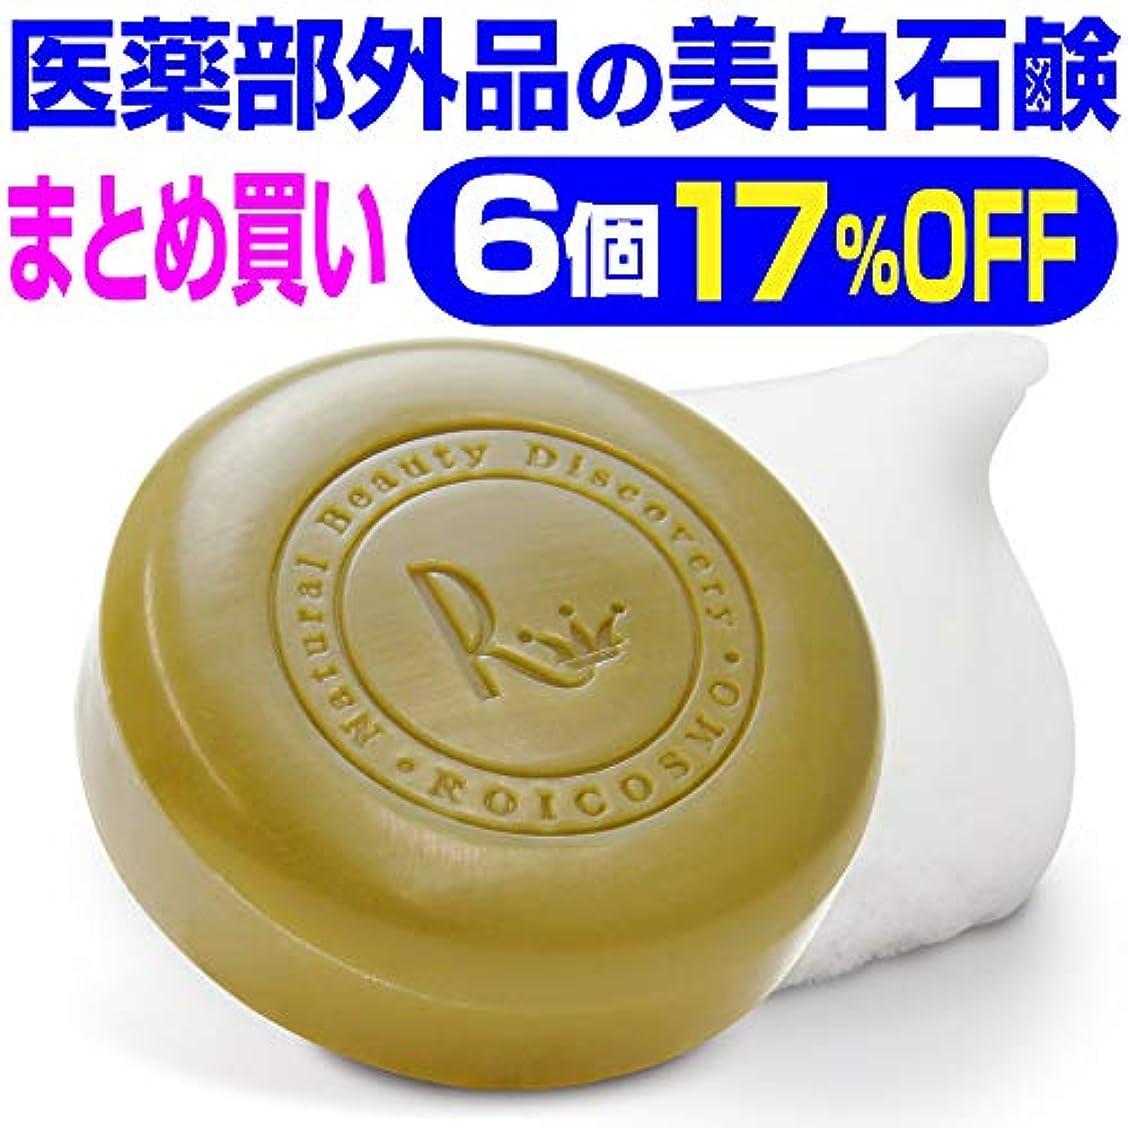 マラドロイト着実に居住者6個まとめ買い17%OFF 美白石鹸/ビタミンC270倍の美白成分配合の 洗顔石鹸『ホワイトソープ100g×6個』